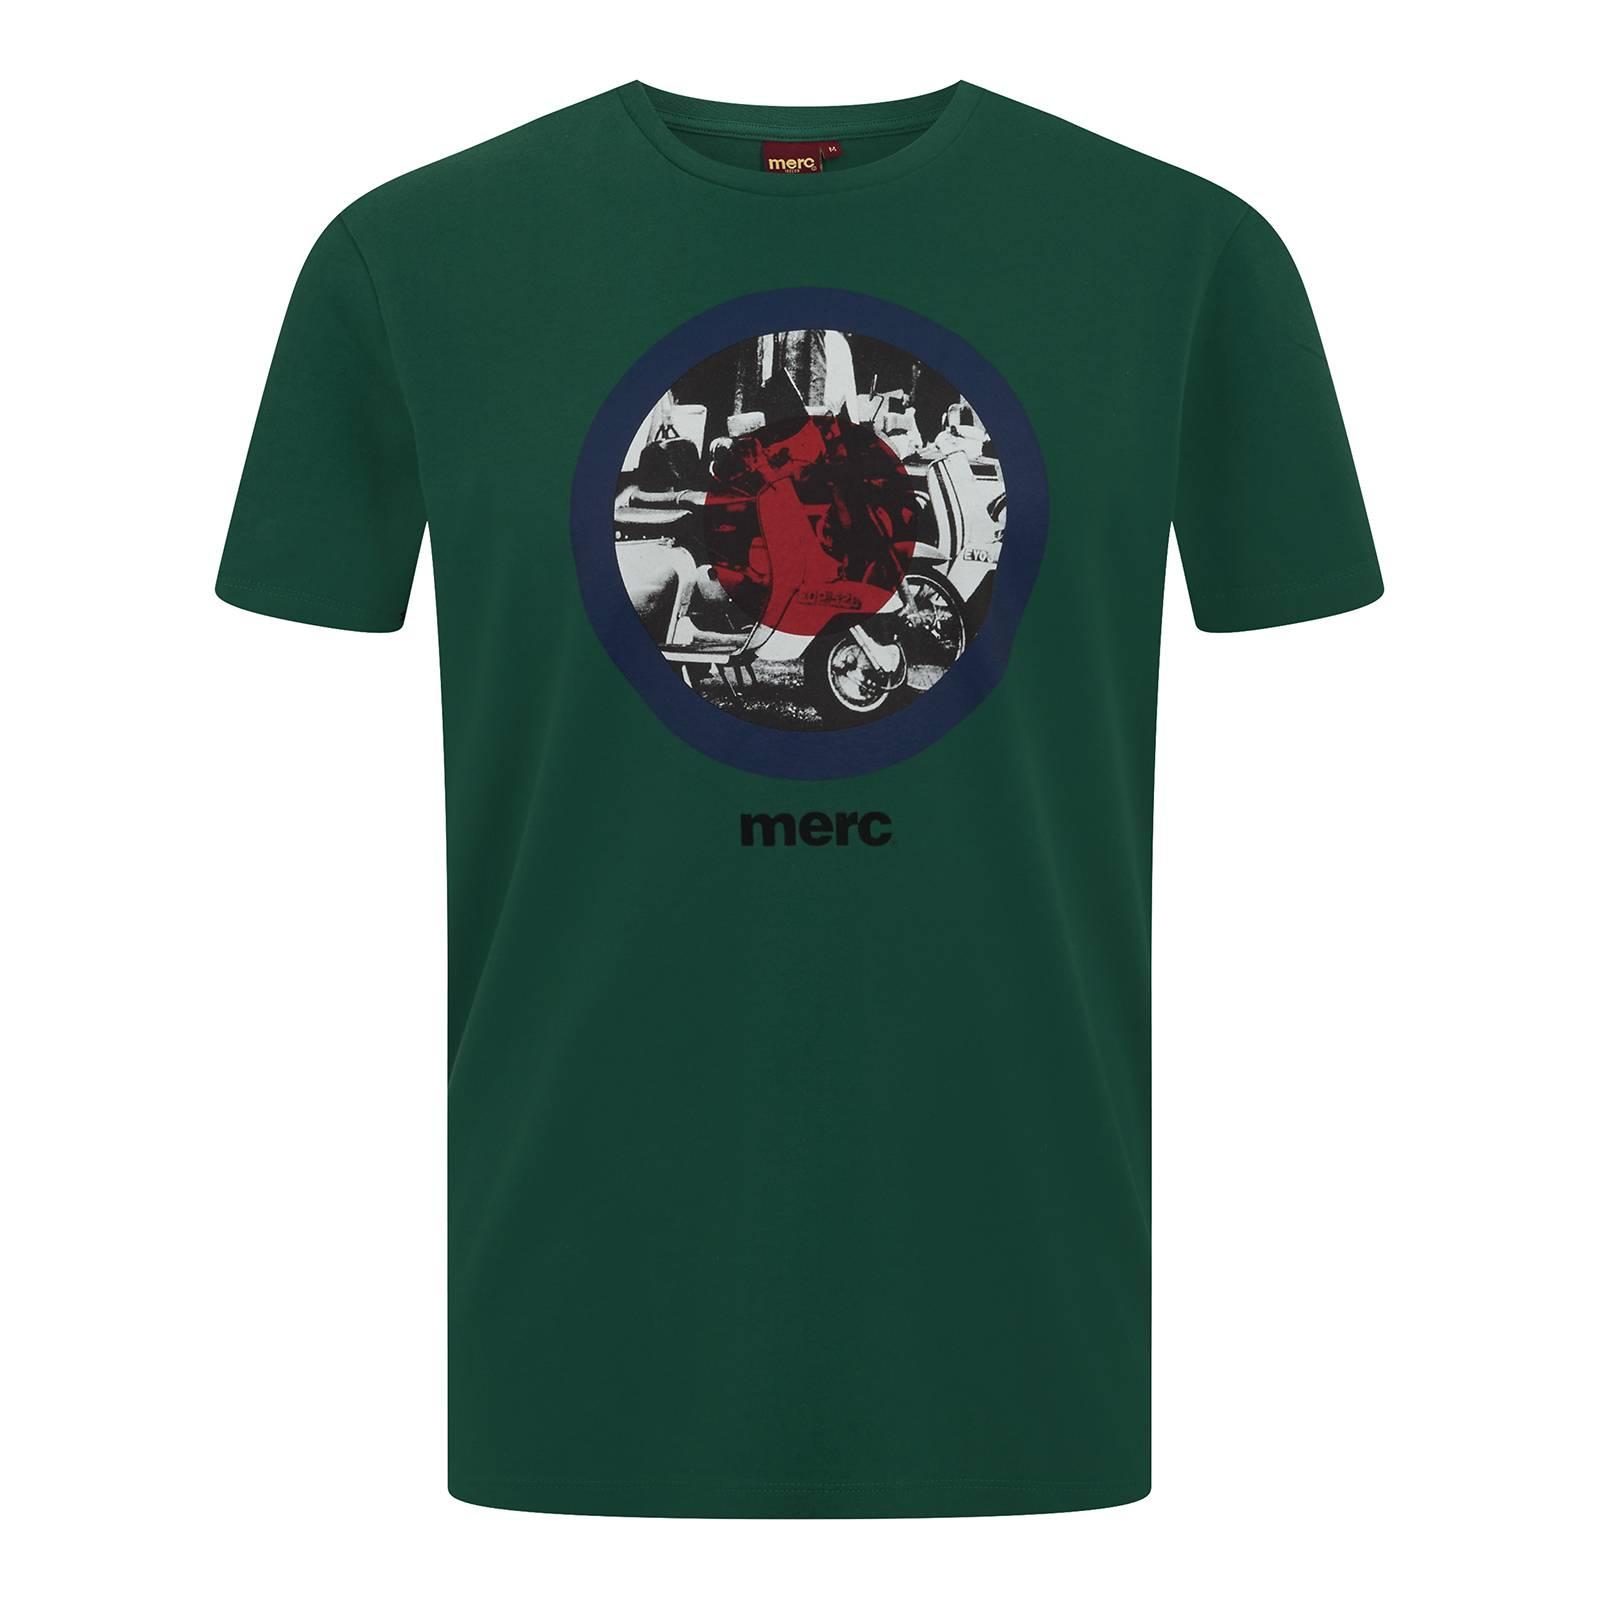 Футболка GranvilleCORE<br>Базовая, приталенная футболка с модовской символикой таргет и черно-белым изображением скутеров внутри мишени - яркий, заметный предмет гардероба в сочетании с олимпийкой и классическими кроссовками. Небольшой логотип Merc под принтом служит брендовой идентификацией знаменитого на весь мир орнамента.<br><br>Артикул: 1713118<br>Материал: 100% хлопок<br>Цвет: зеленый<br>Пол: Мужской